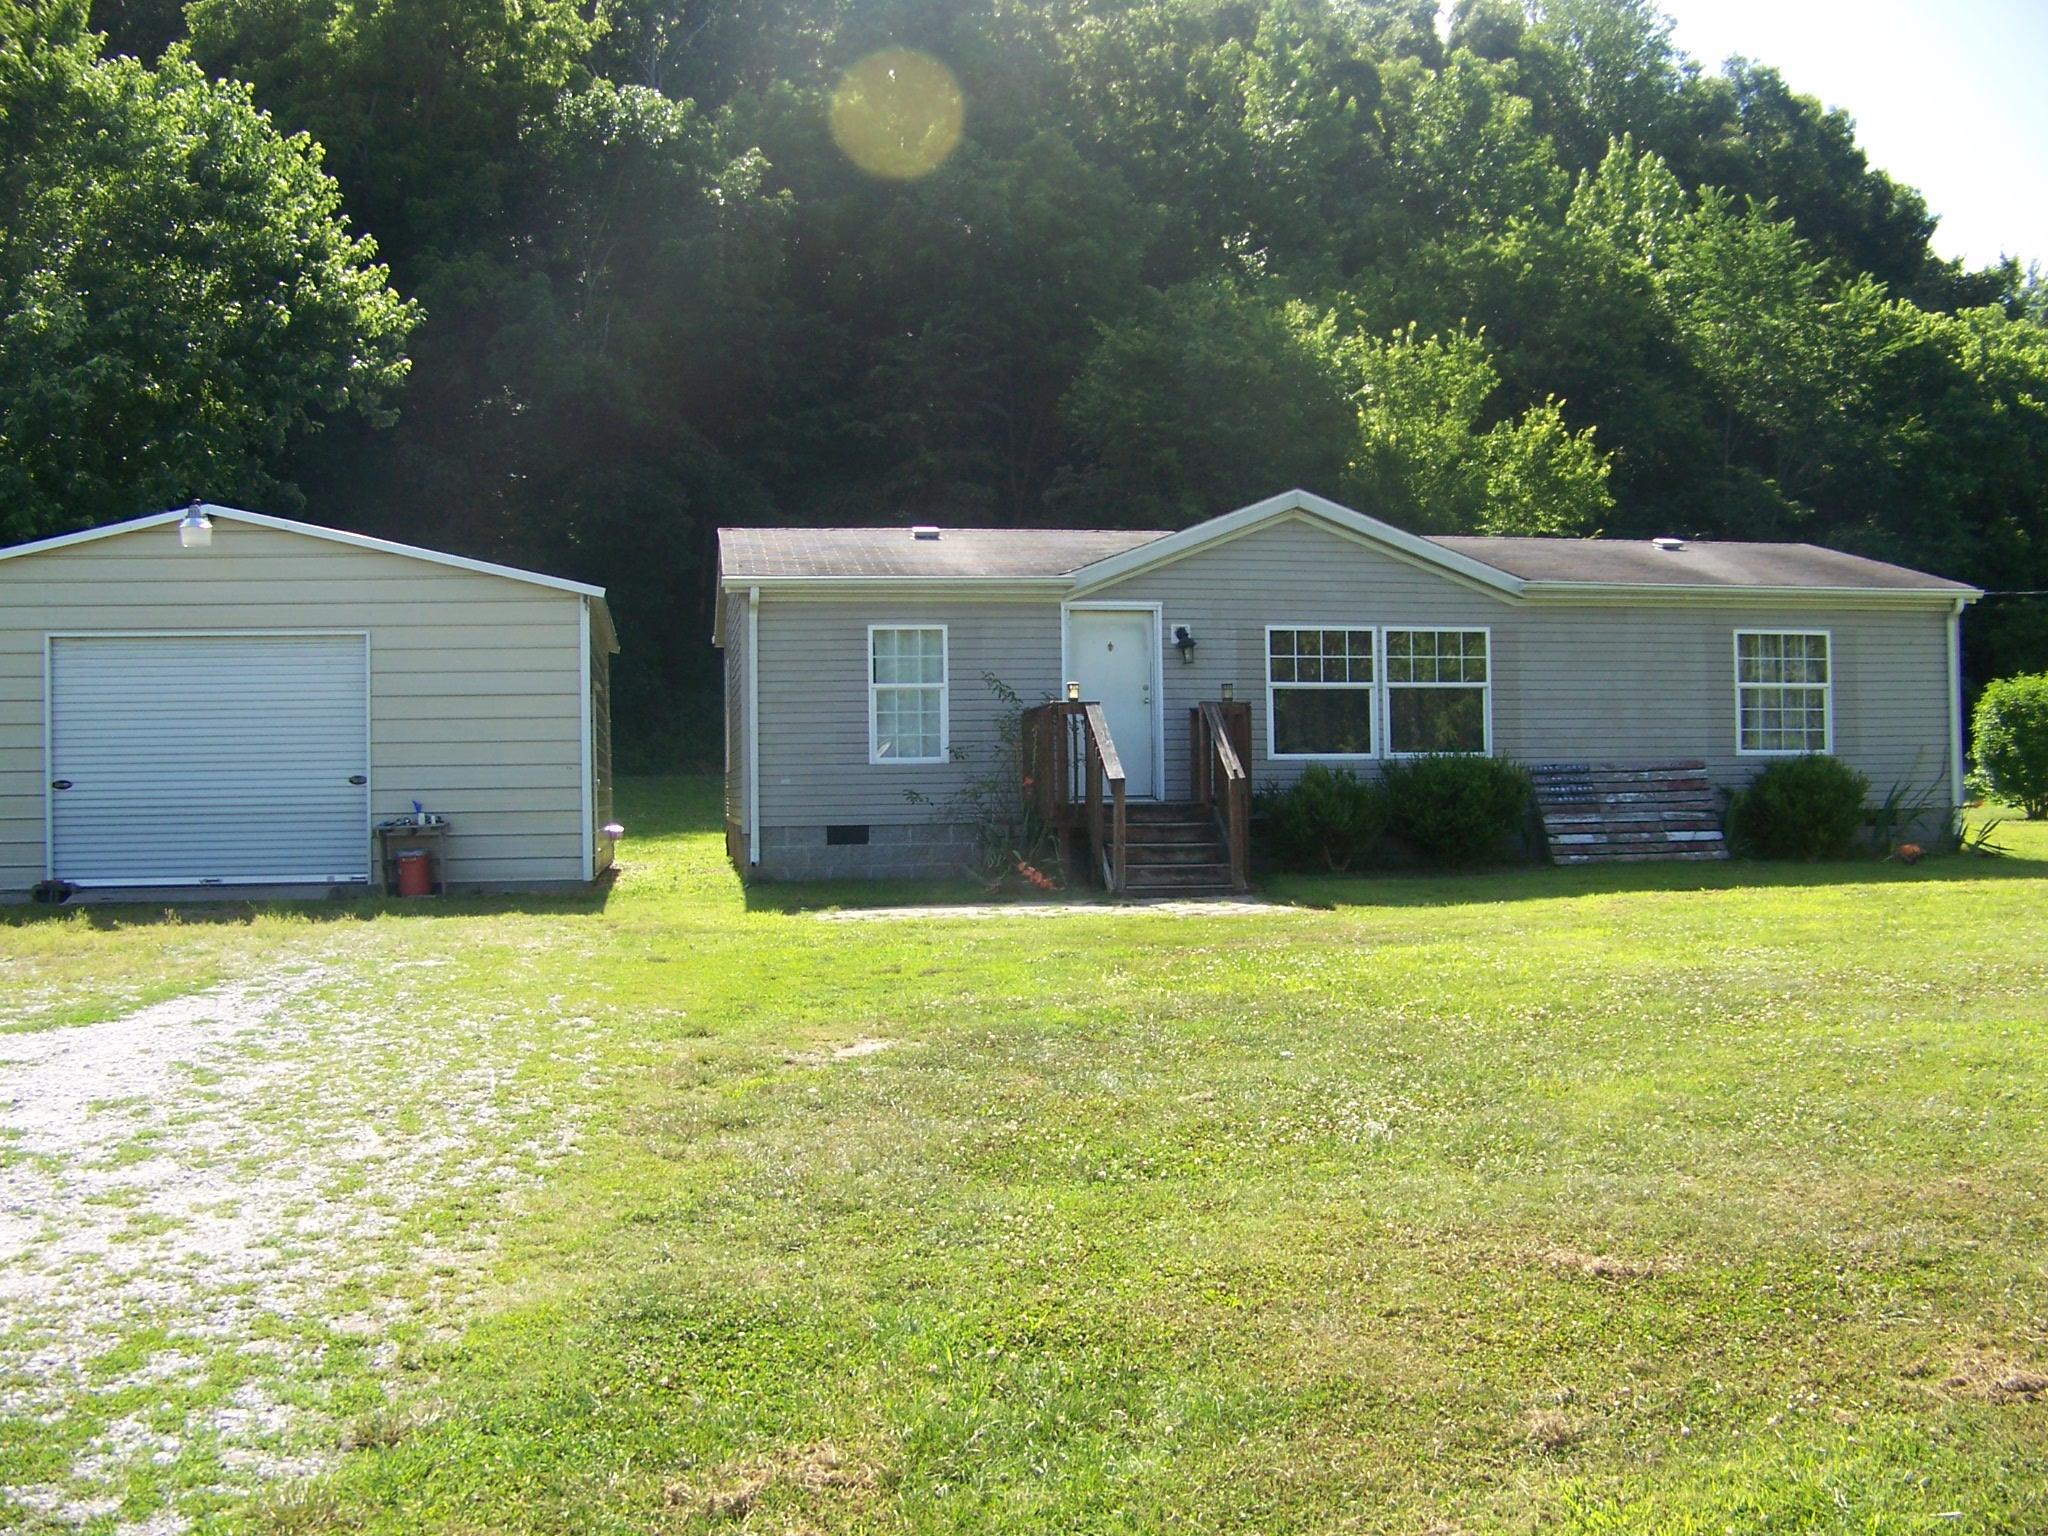 11620 Minor Hill Hwy, Pulaski, TN 38478 - Pulaski, TN real estate listing